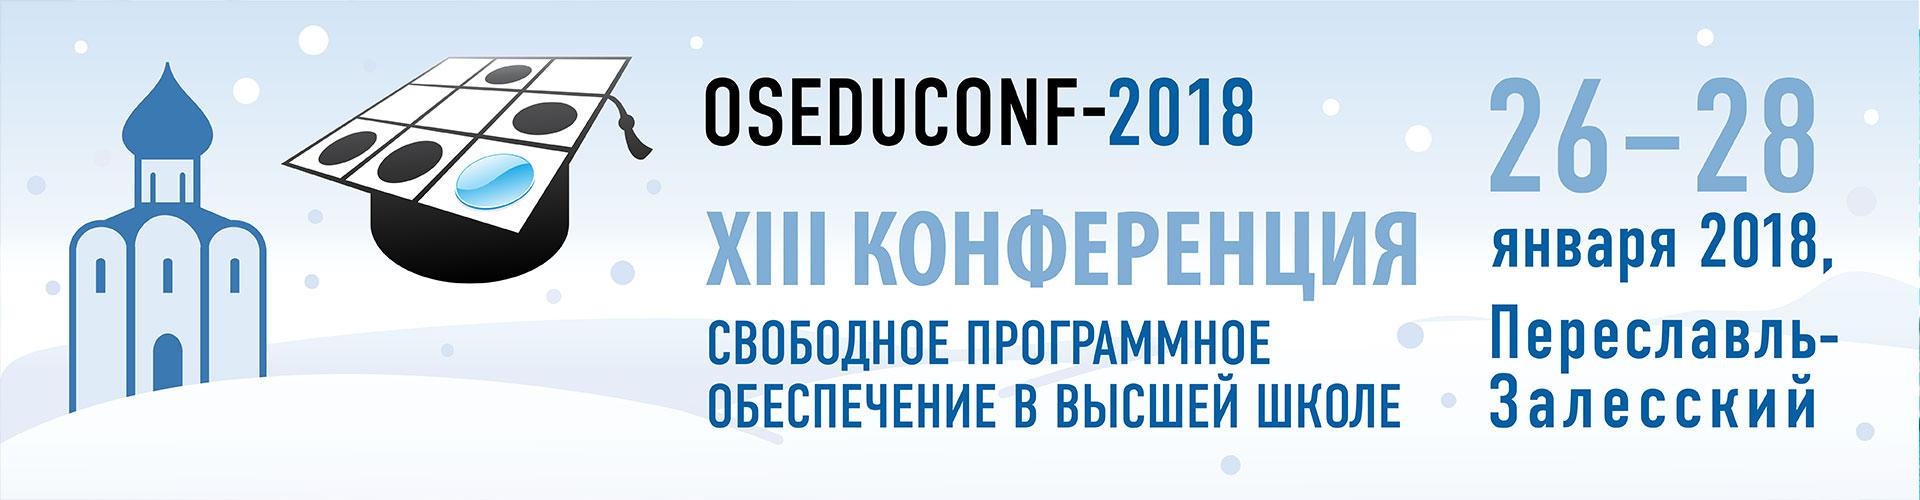 Тринадцатая конференция «Свободное программное обеспечение в высшей школе»